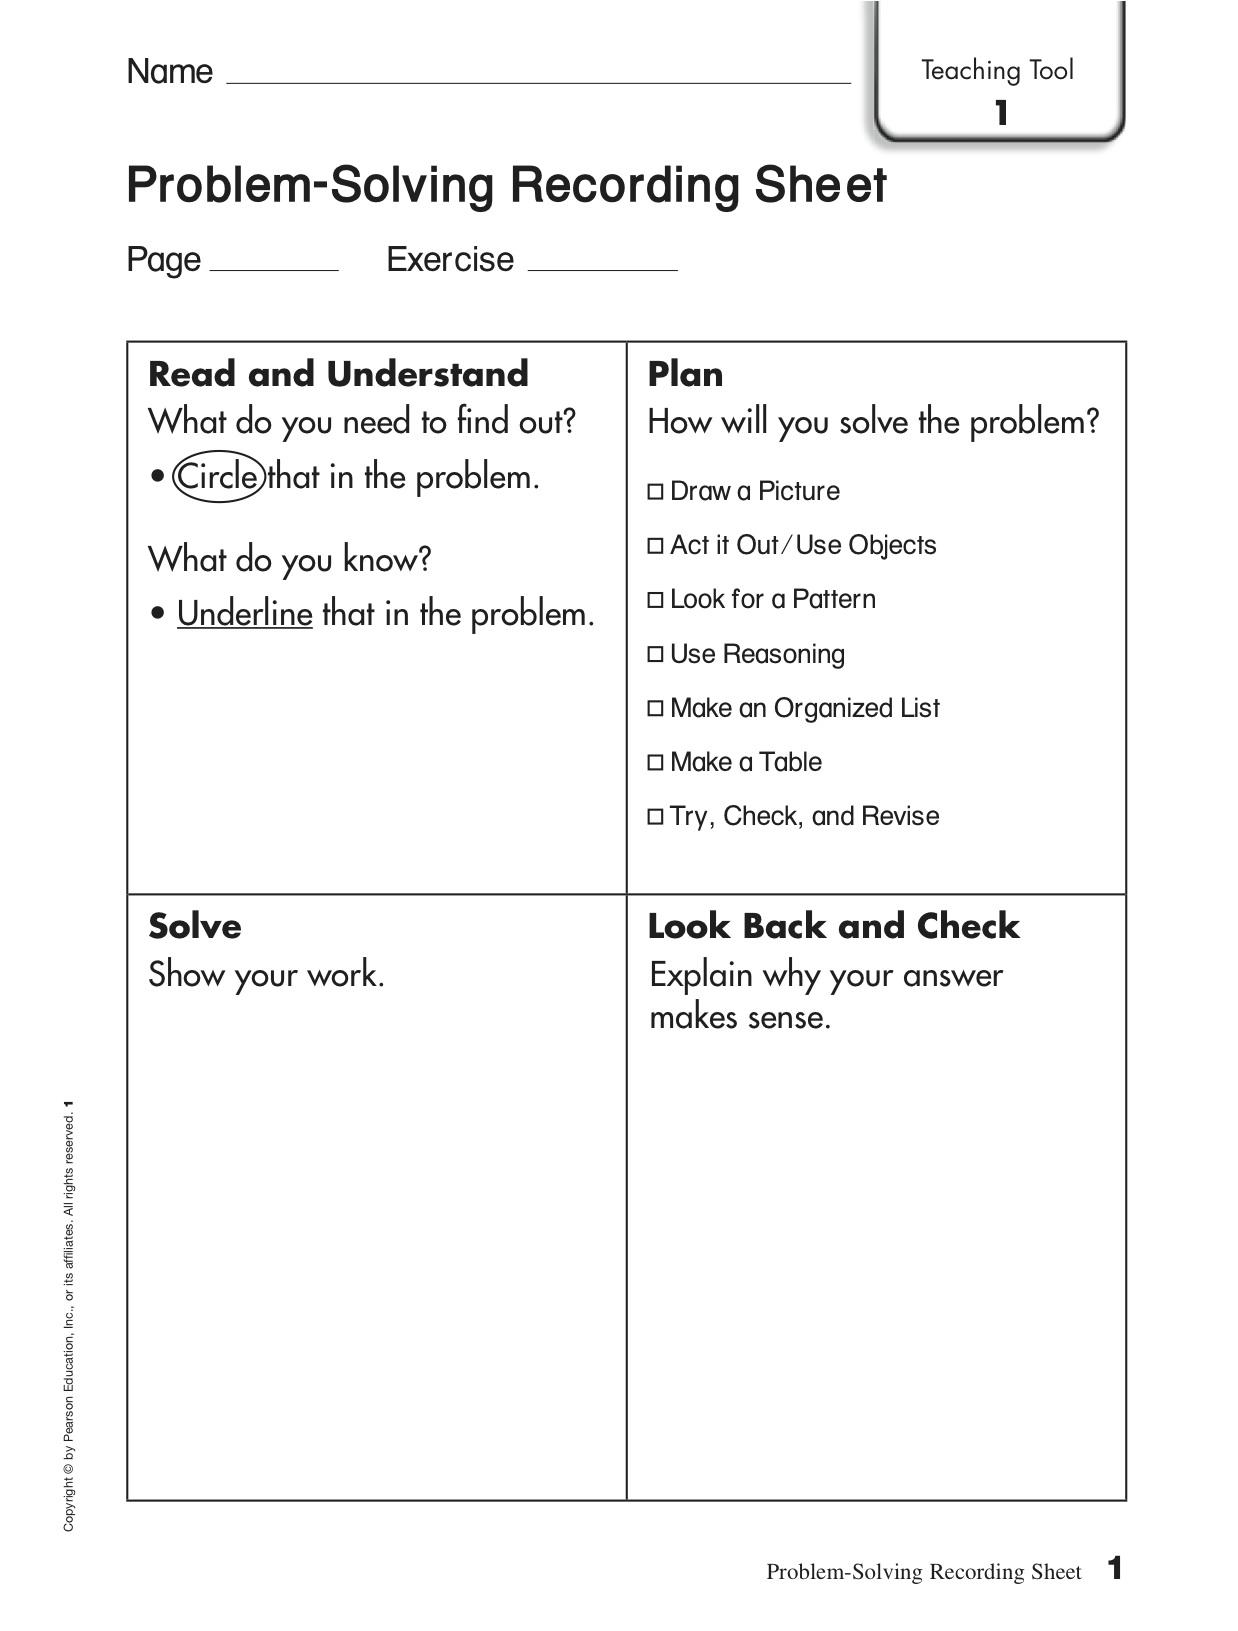 12 Best Images Of Social Problem Solving Worksheets